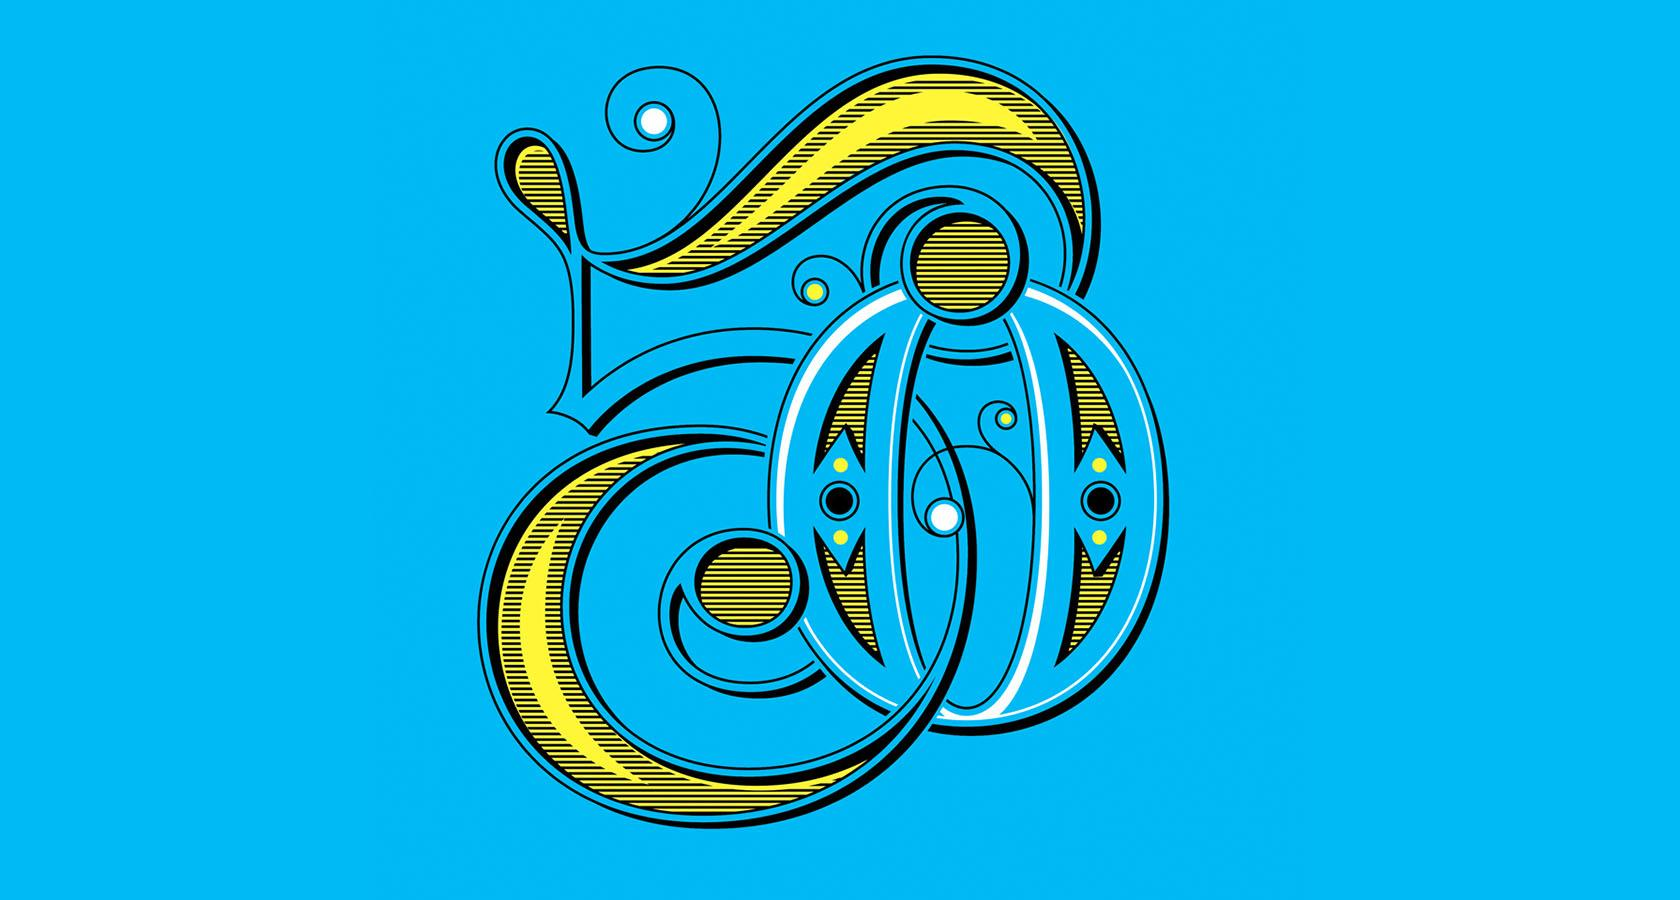 jessica hische vector lettering